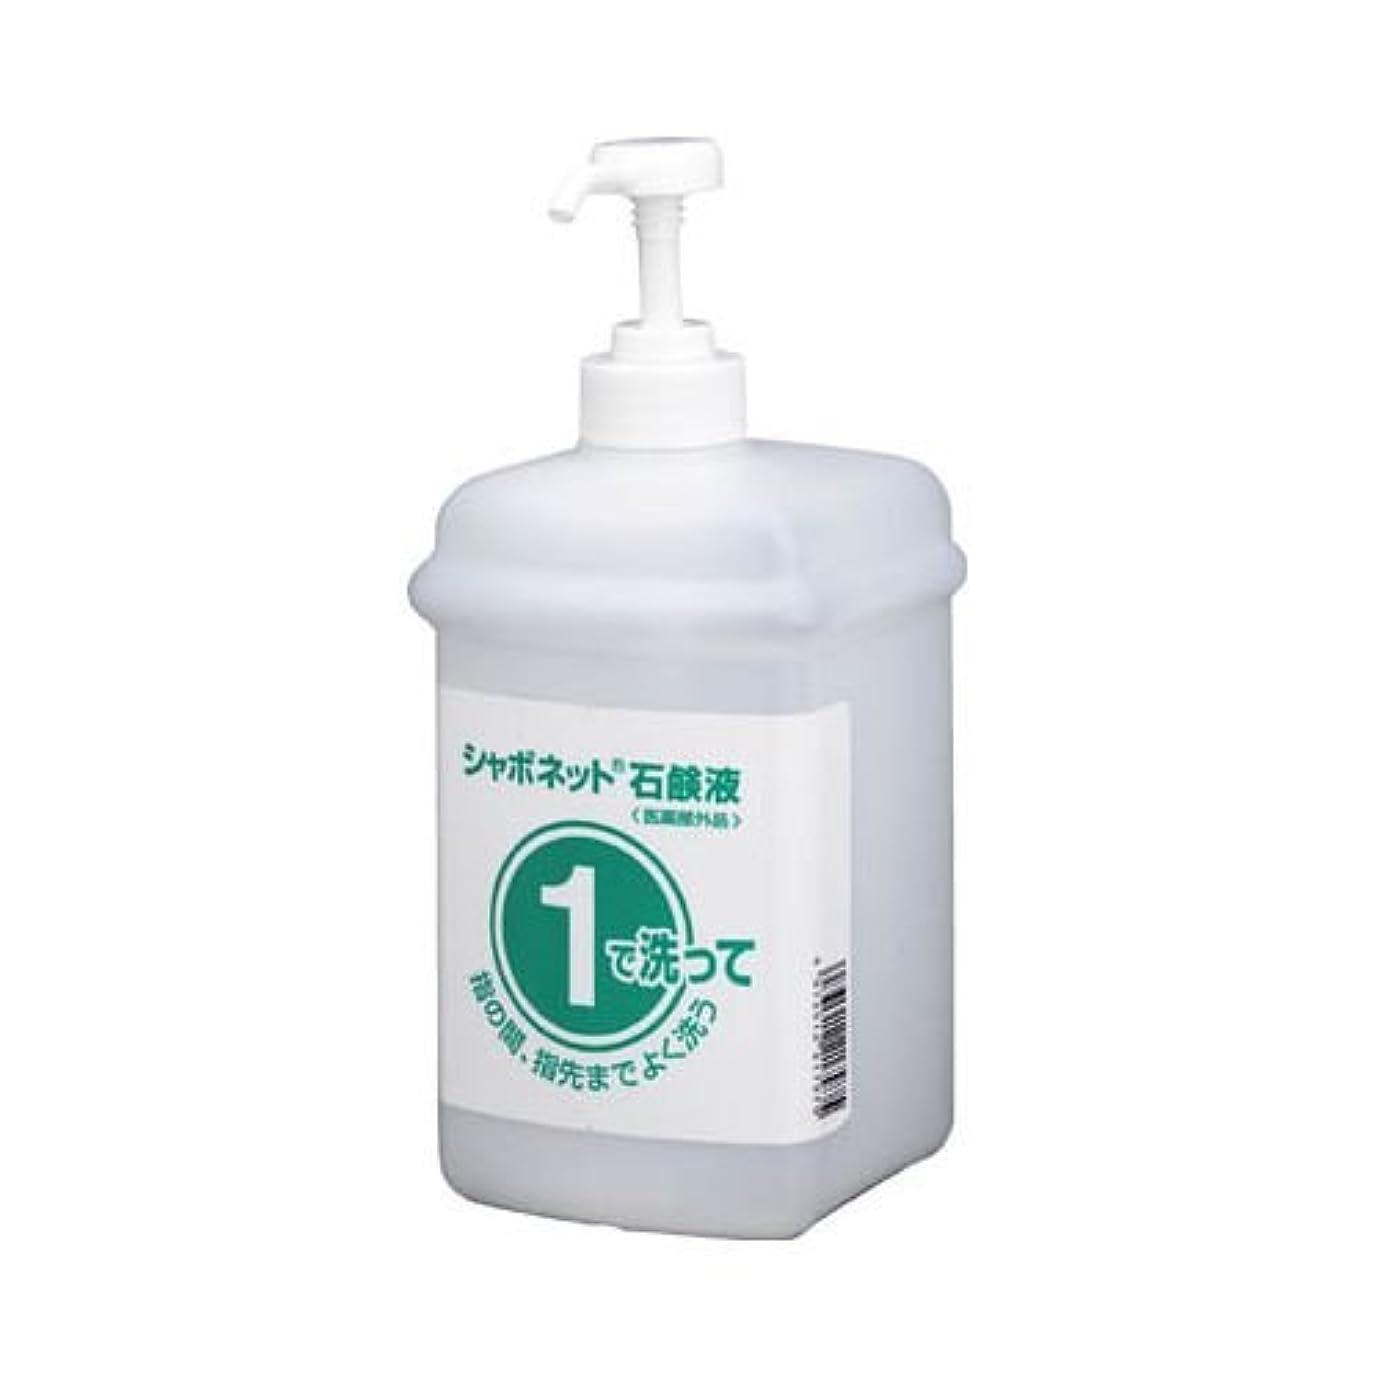 投げ捨てる運動するに対応するサラヤ 石鹸容器 1?2セットボトル 石鹸液用1L 21793